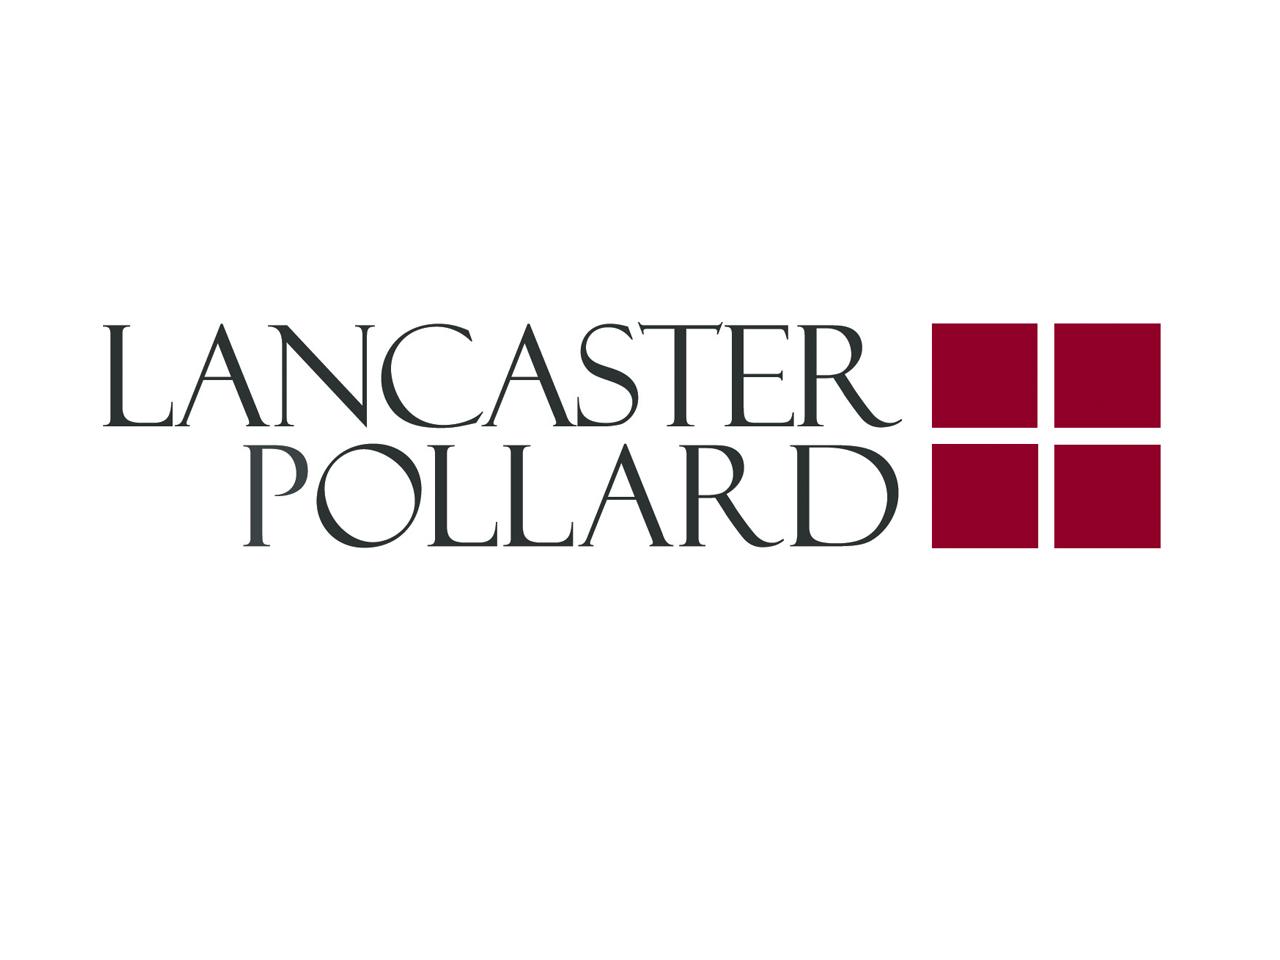 lancaster-pollard-logo